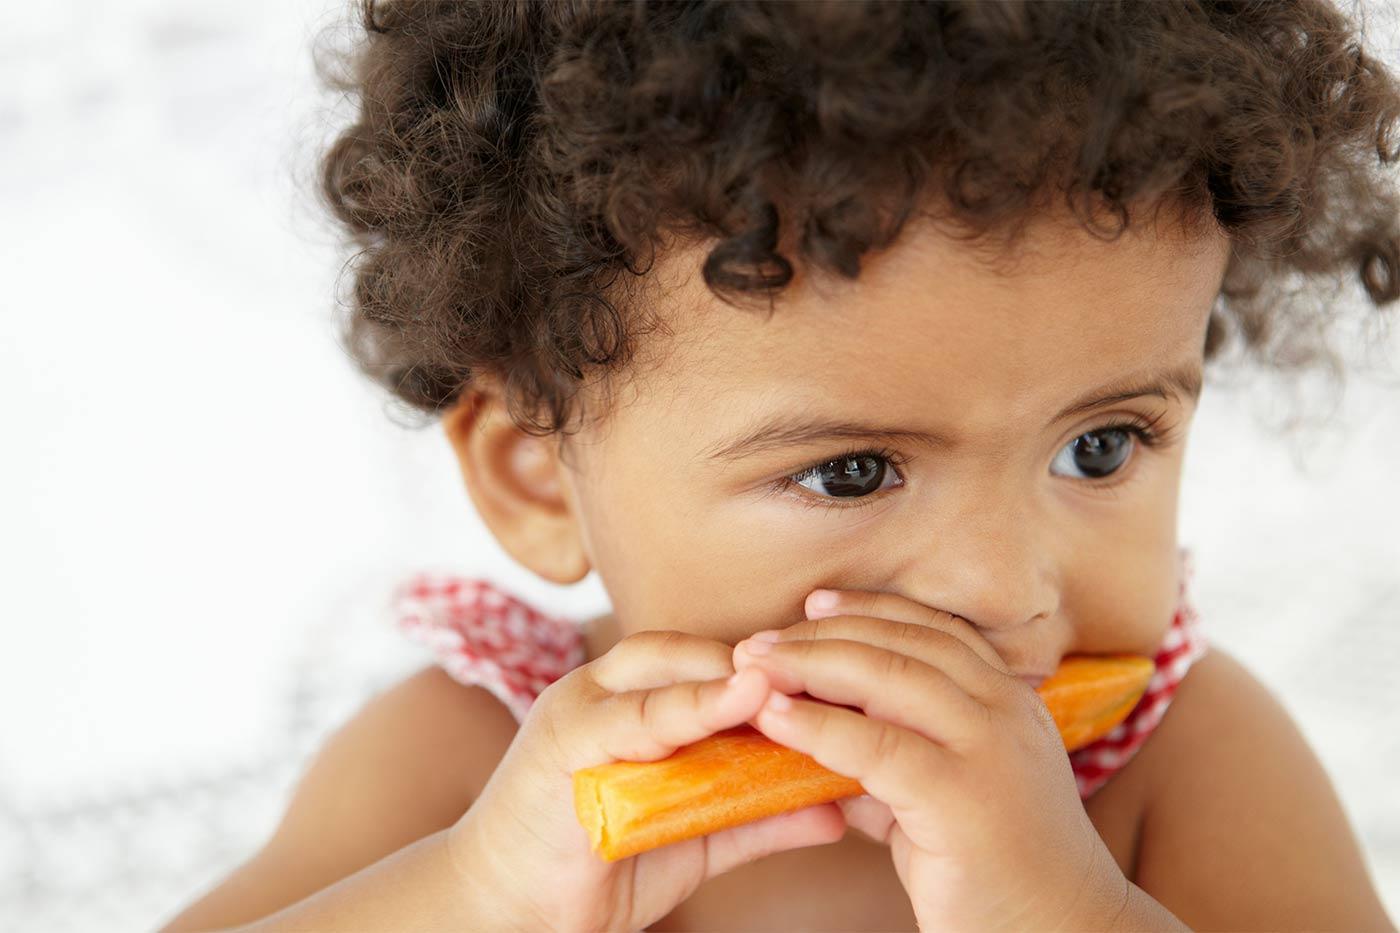 Little girl eating a carrot